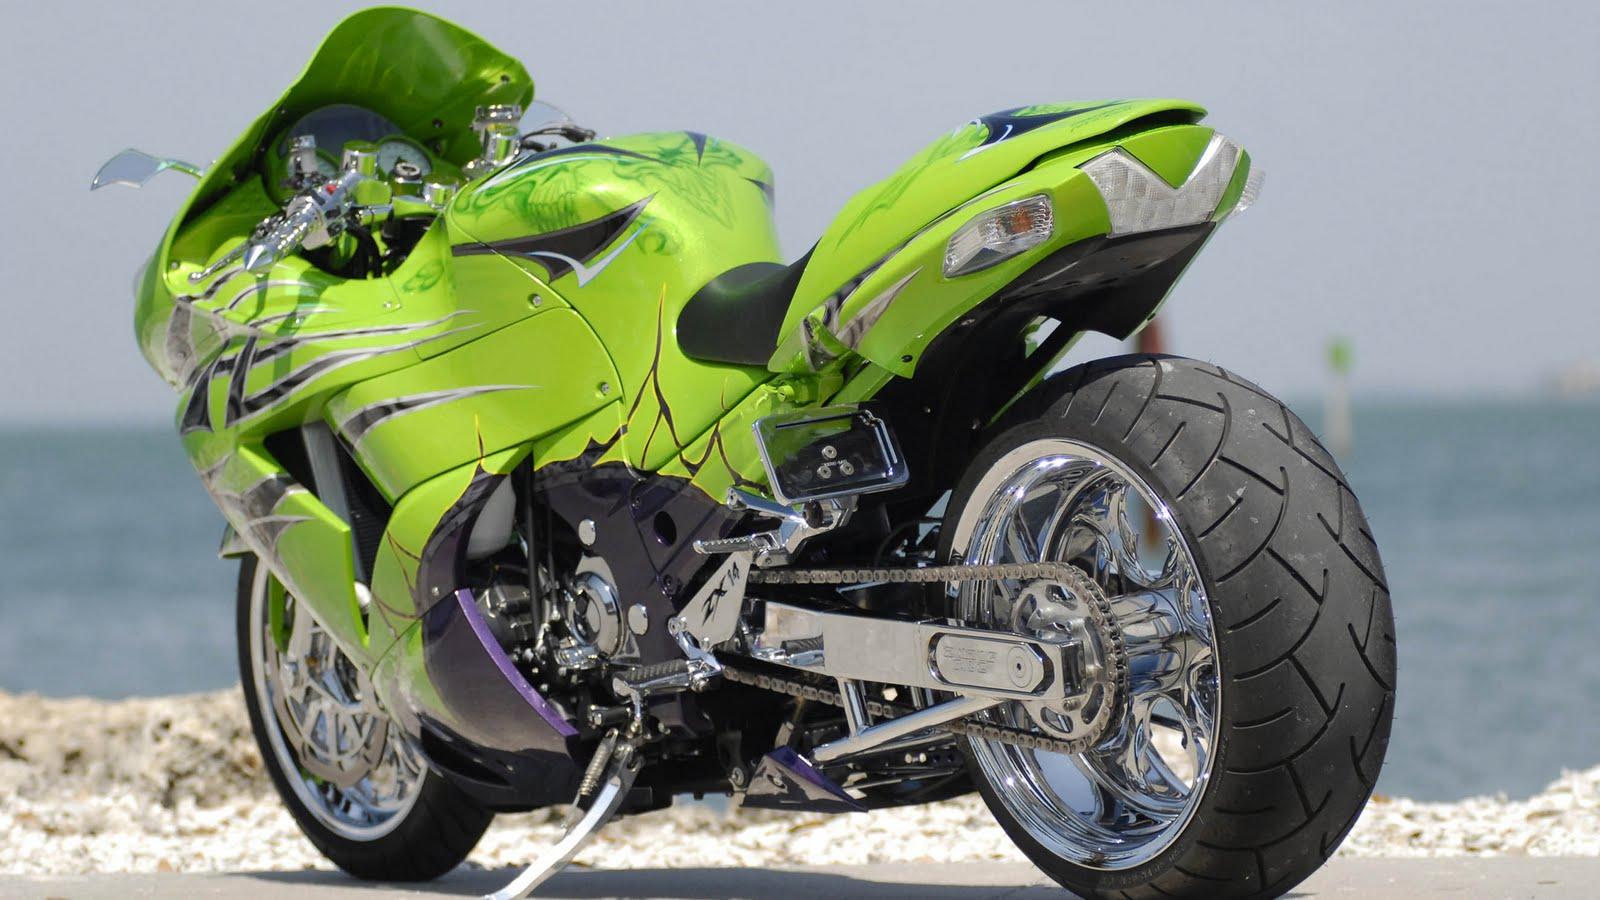 http://4.bp.blogspot.com/-rQ4Qqemmbqo/TlIhqW0A0cI/AAAAAAAAA-o/--Tx8bLBQkM/s1600/Super_bikes_hd_wallpaper_5-1920x1080.jpg